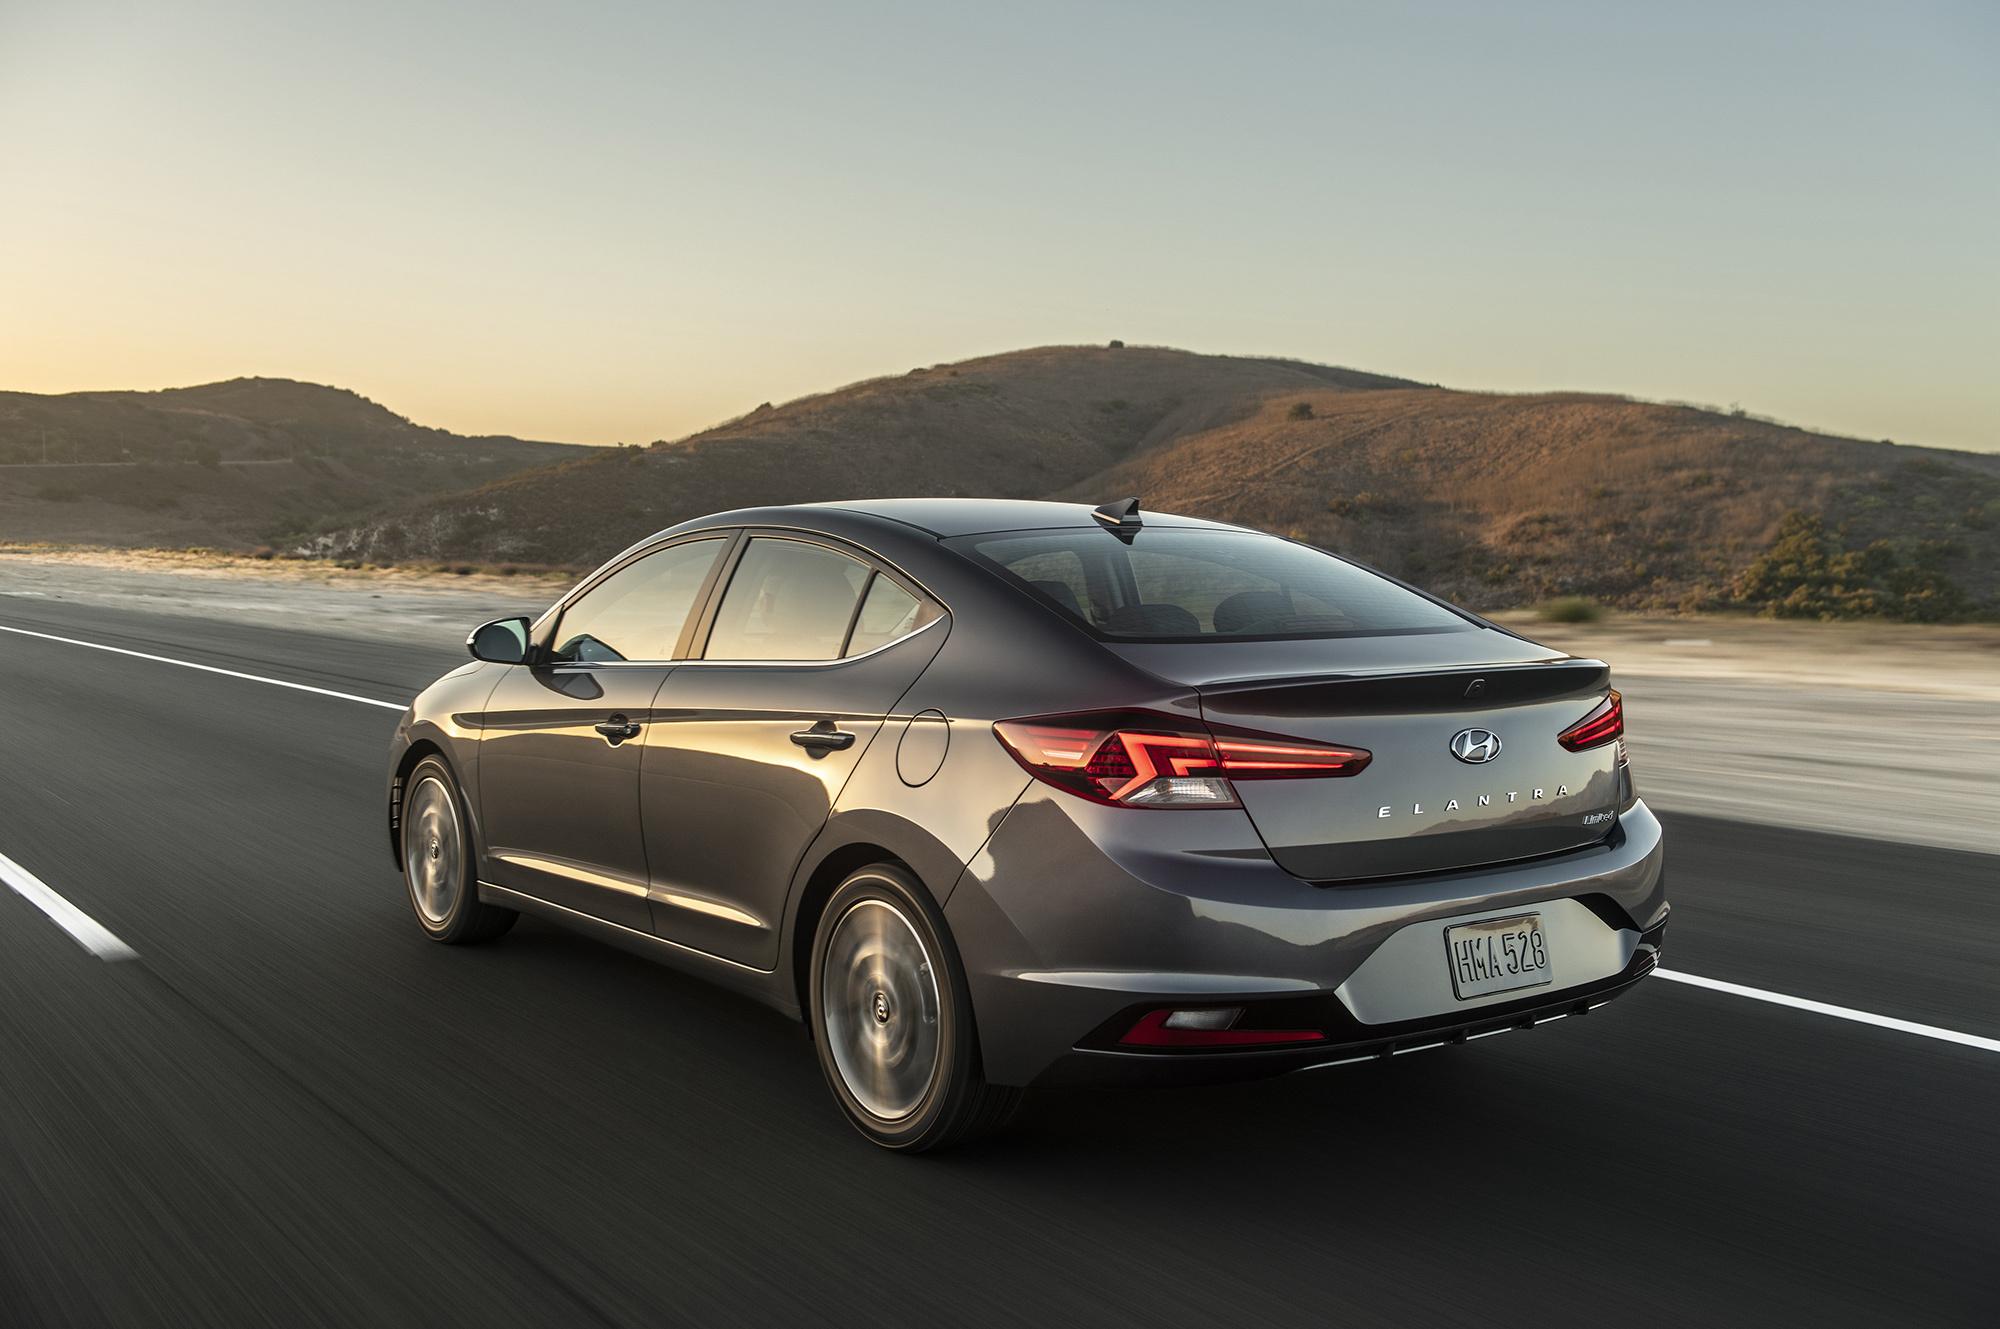 Новый Hyundai Elantra 2019 модельного года рекомендации